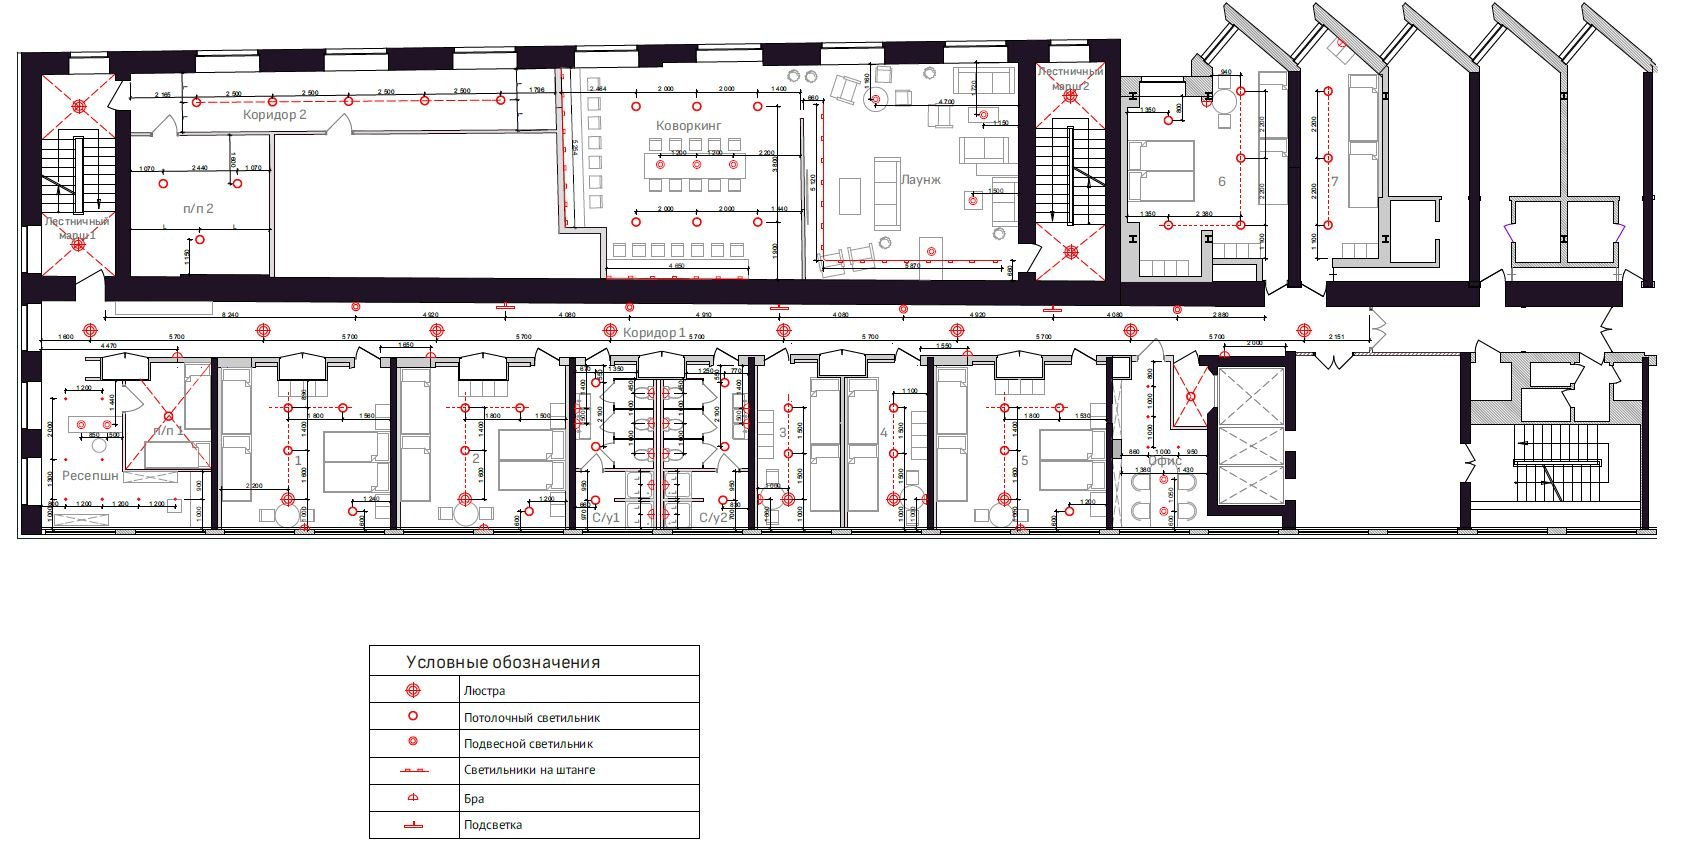 Состав проекта перепланировки нежилого помещения